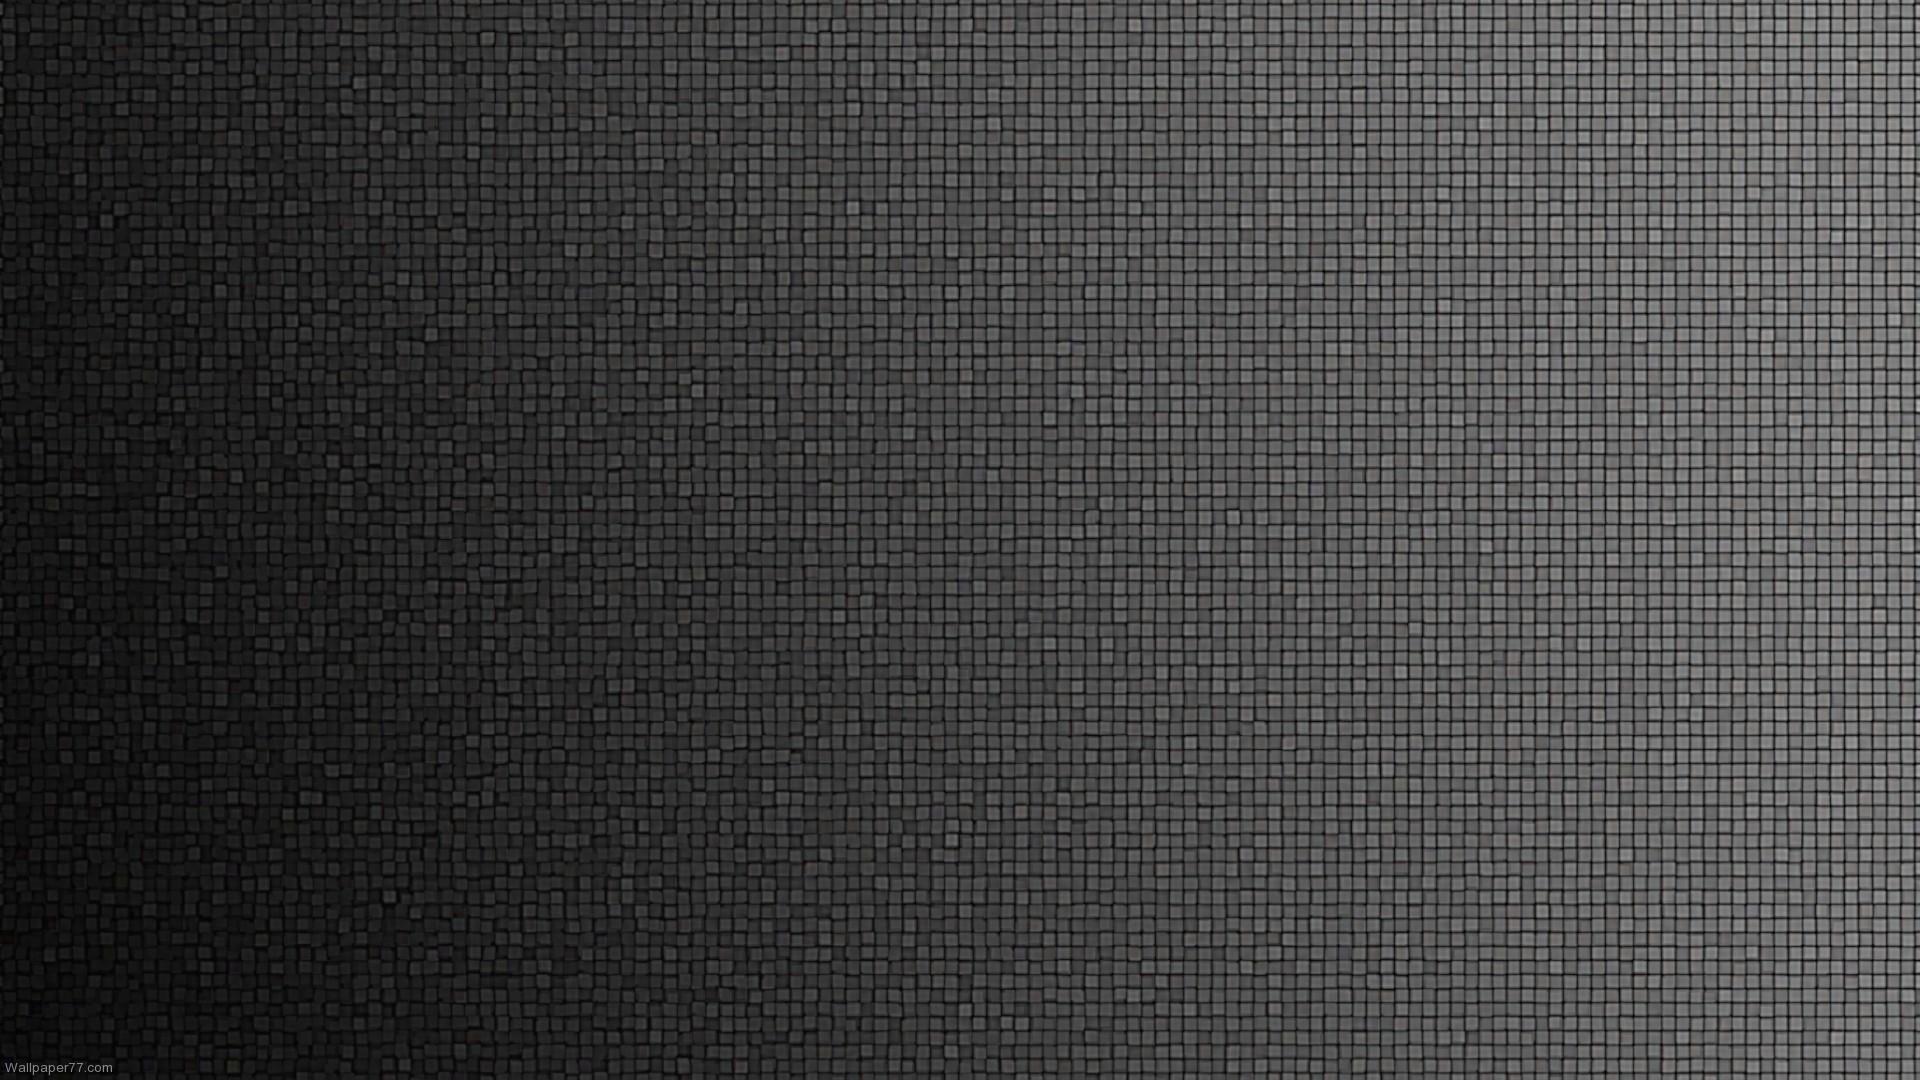 Ipad Retina Wallpaper Art Hand: Retina Desktop Wallpapers (11 Wallpapers)